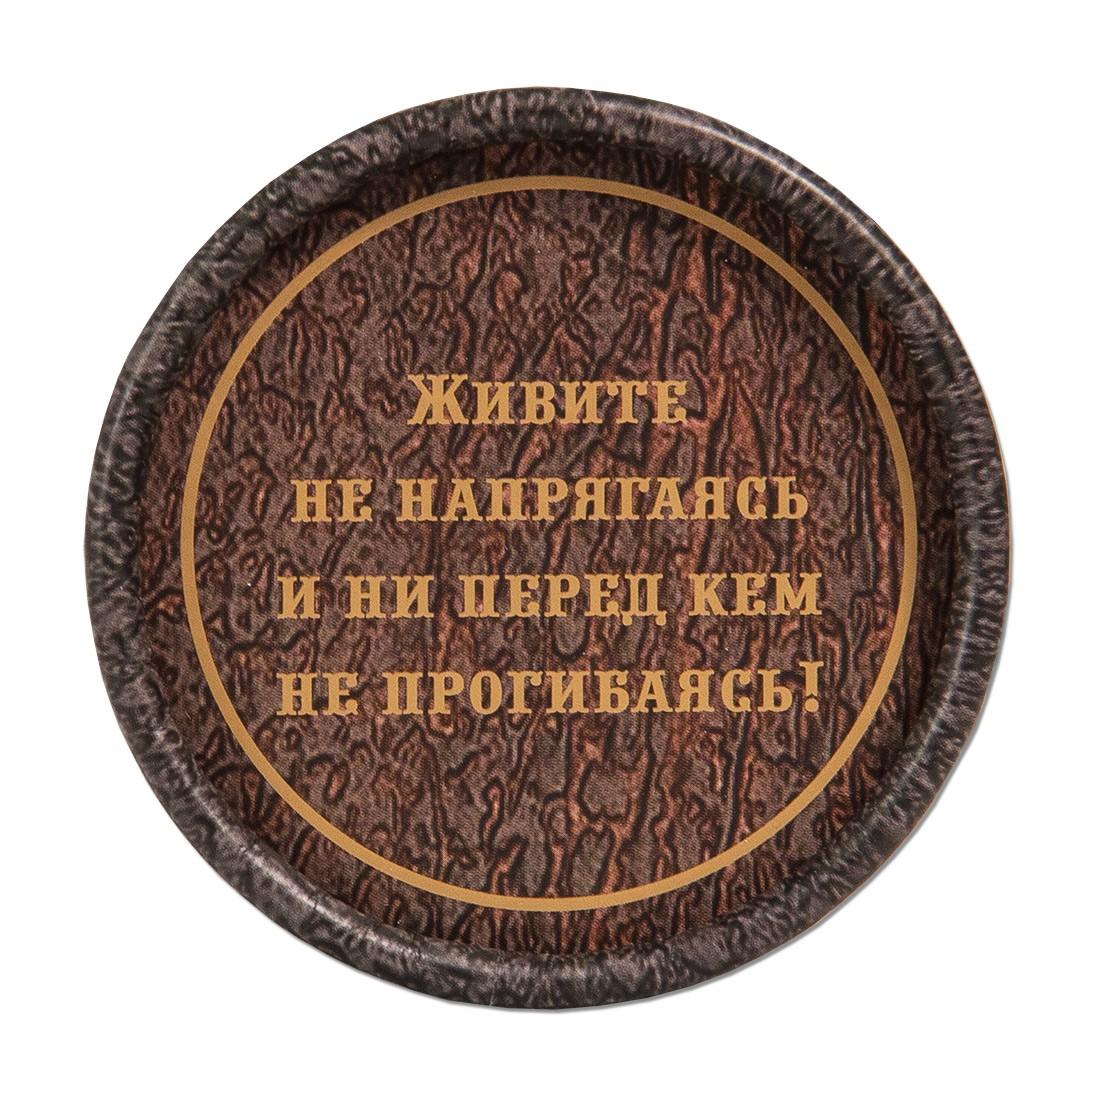 Рожок для обуви «ФСБ» в тубусе